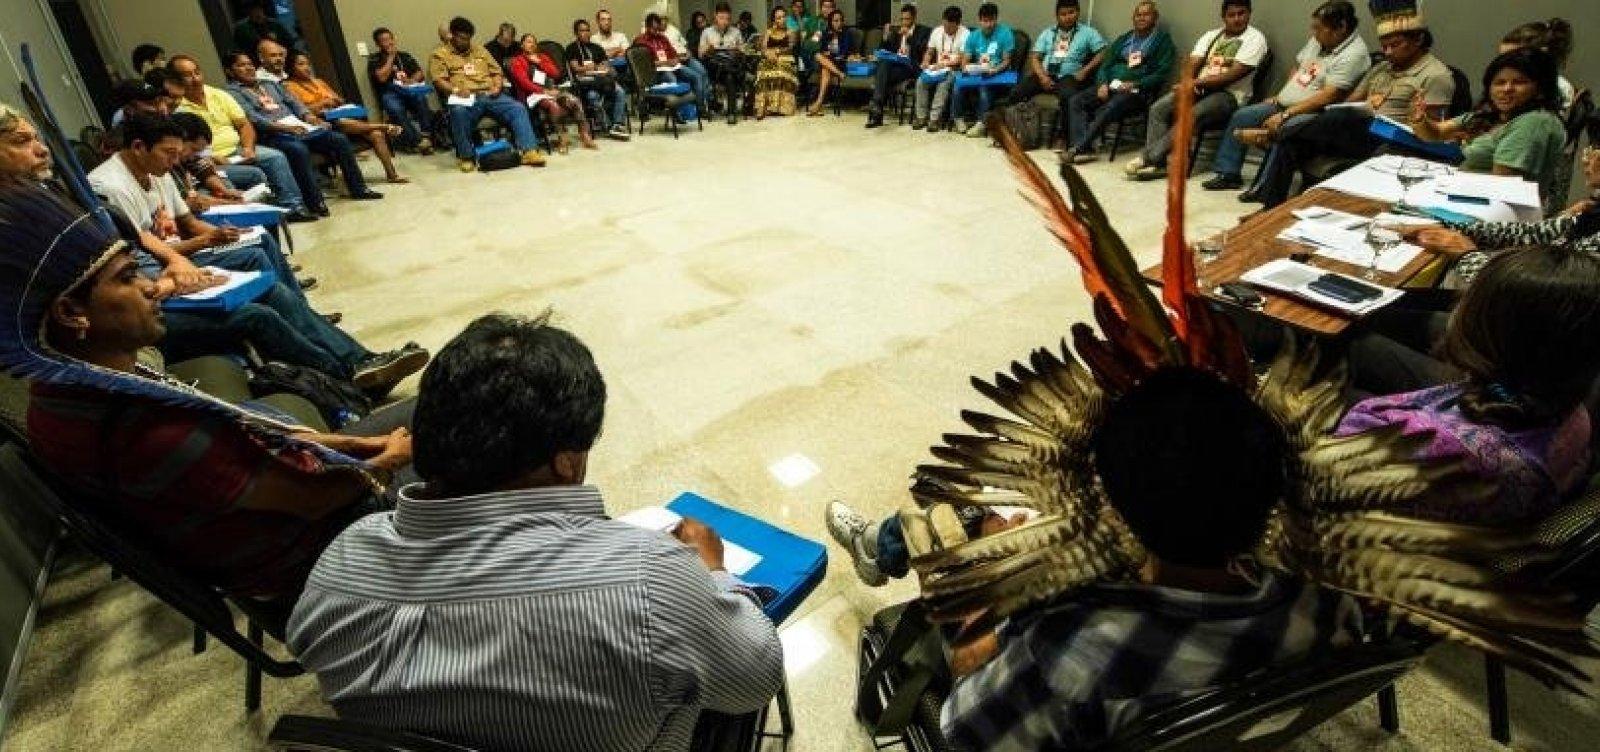 [Pedidos de educação indígena aumentaram 500%, afirma Funai]